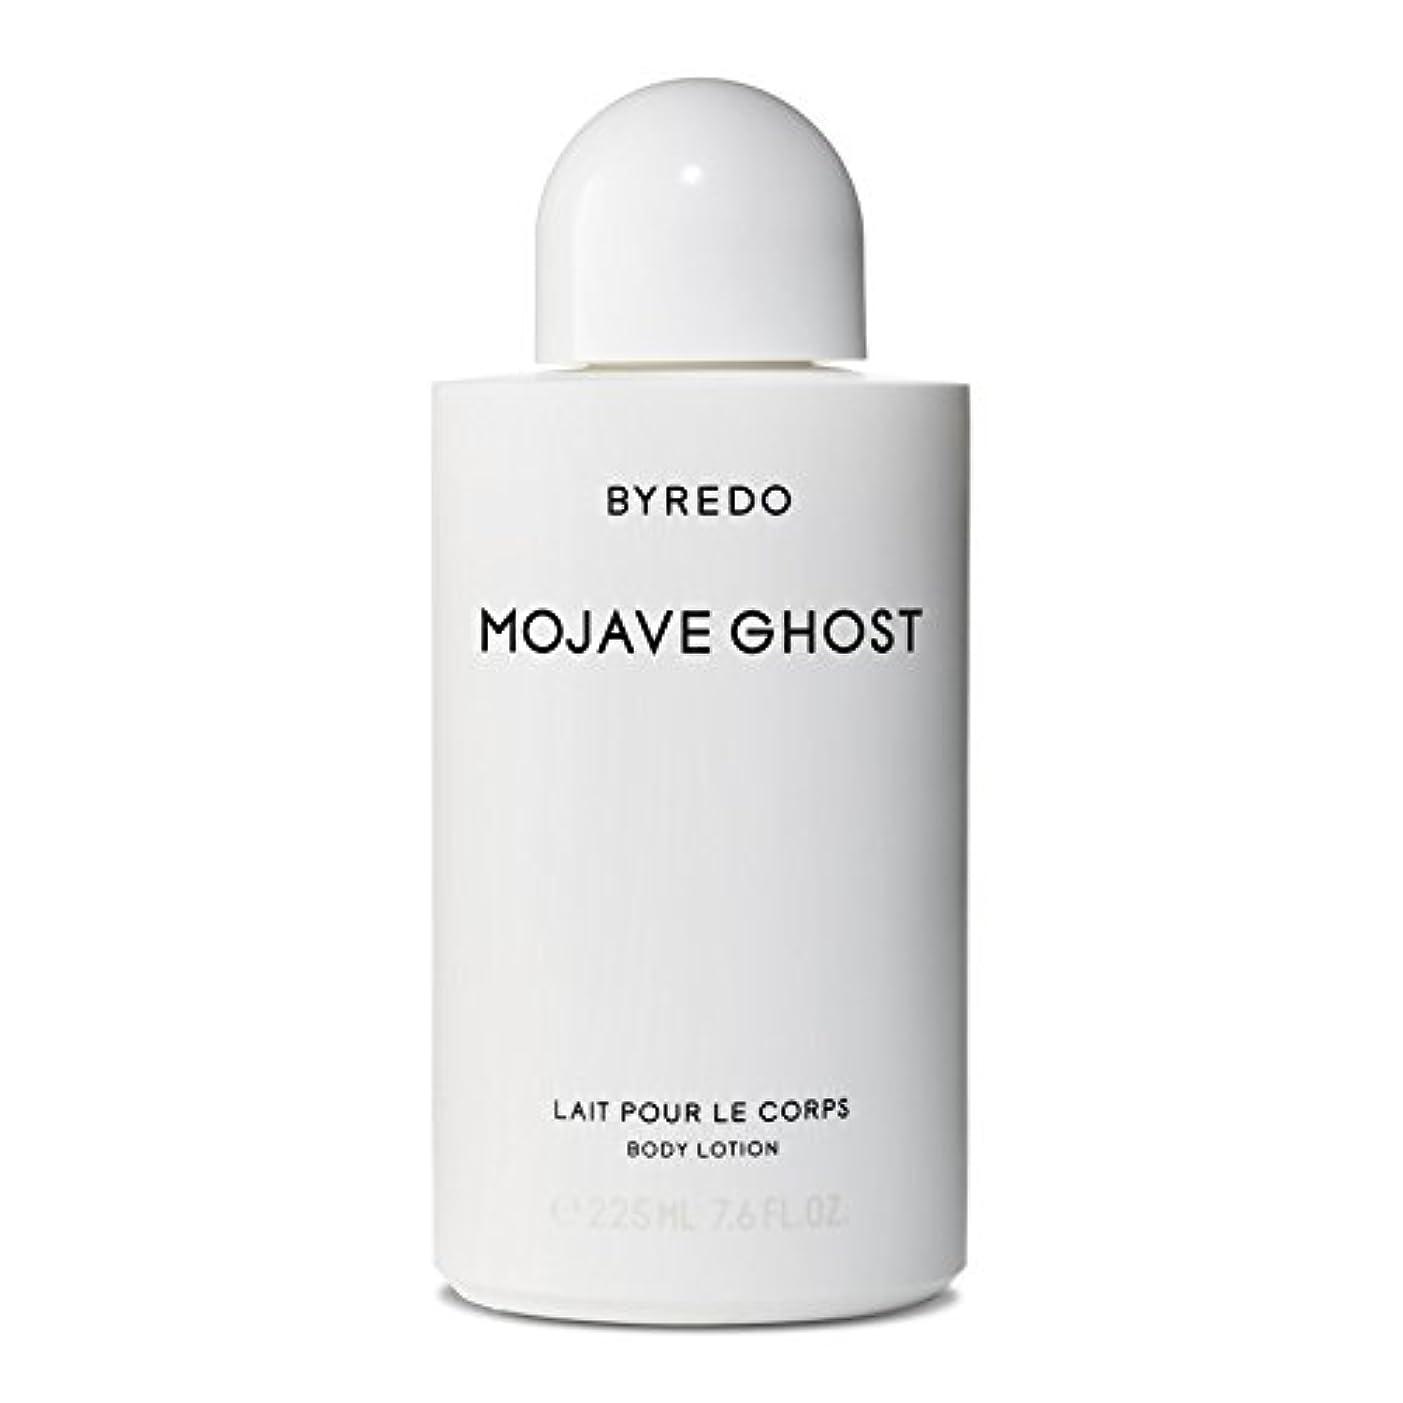 解釈レーニン主義ベーリング海峡Byredo Mojave Ghost Body Lotion - モハーベゴーストボディローション [並行輸入品]